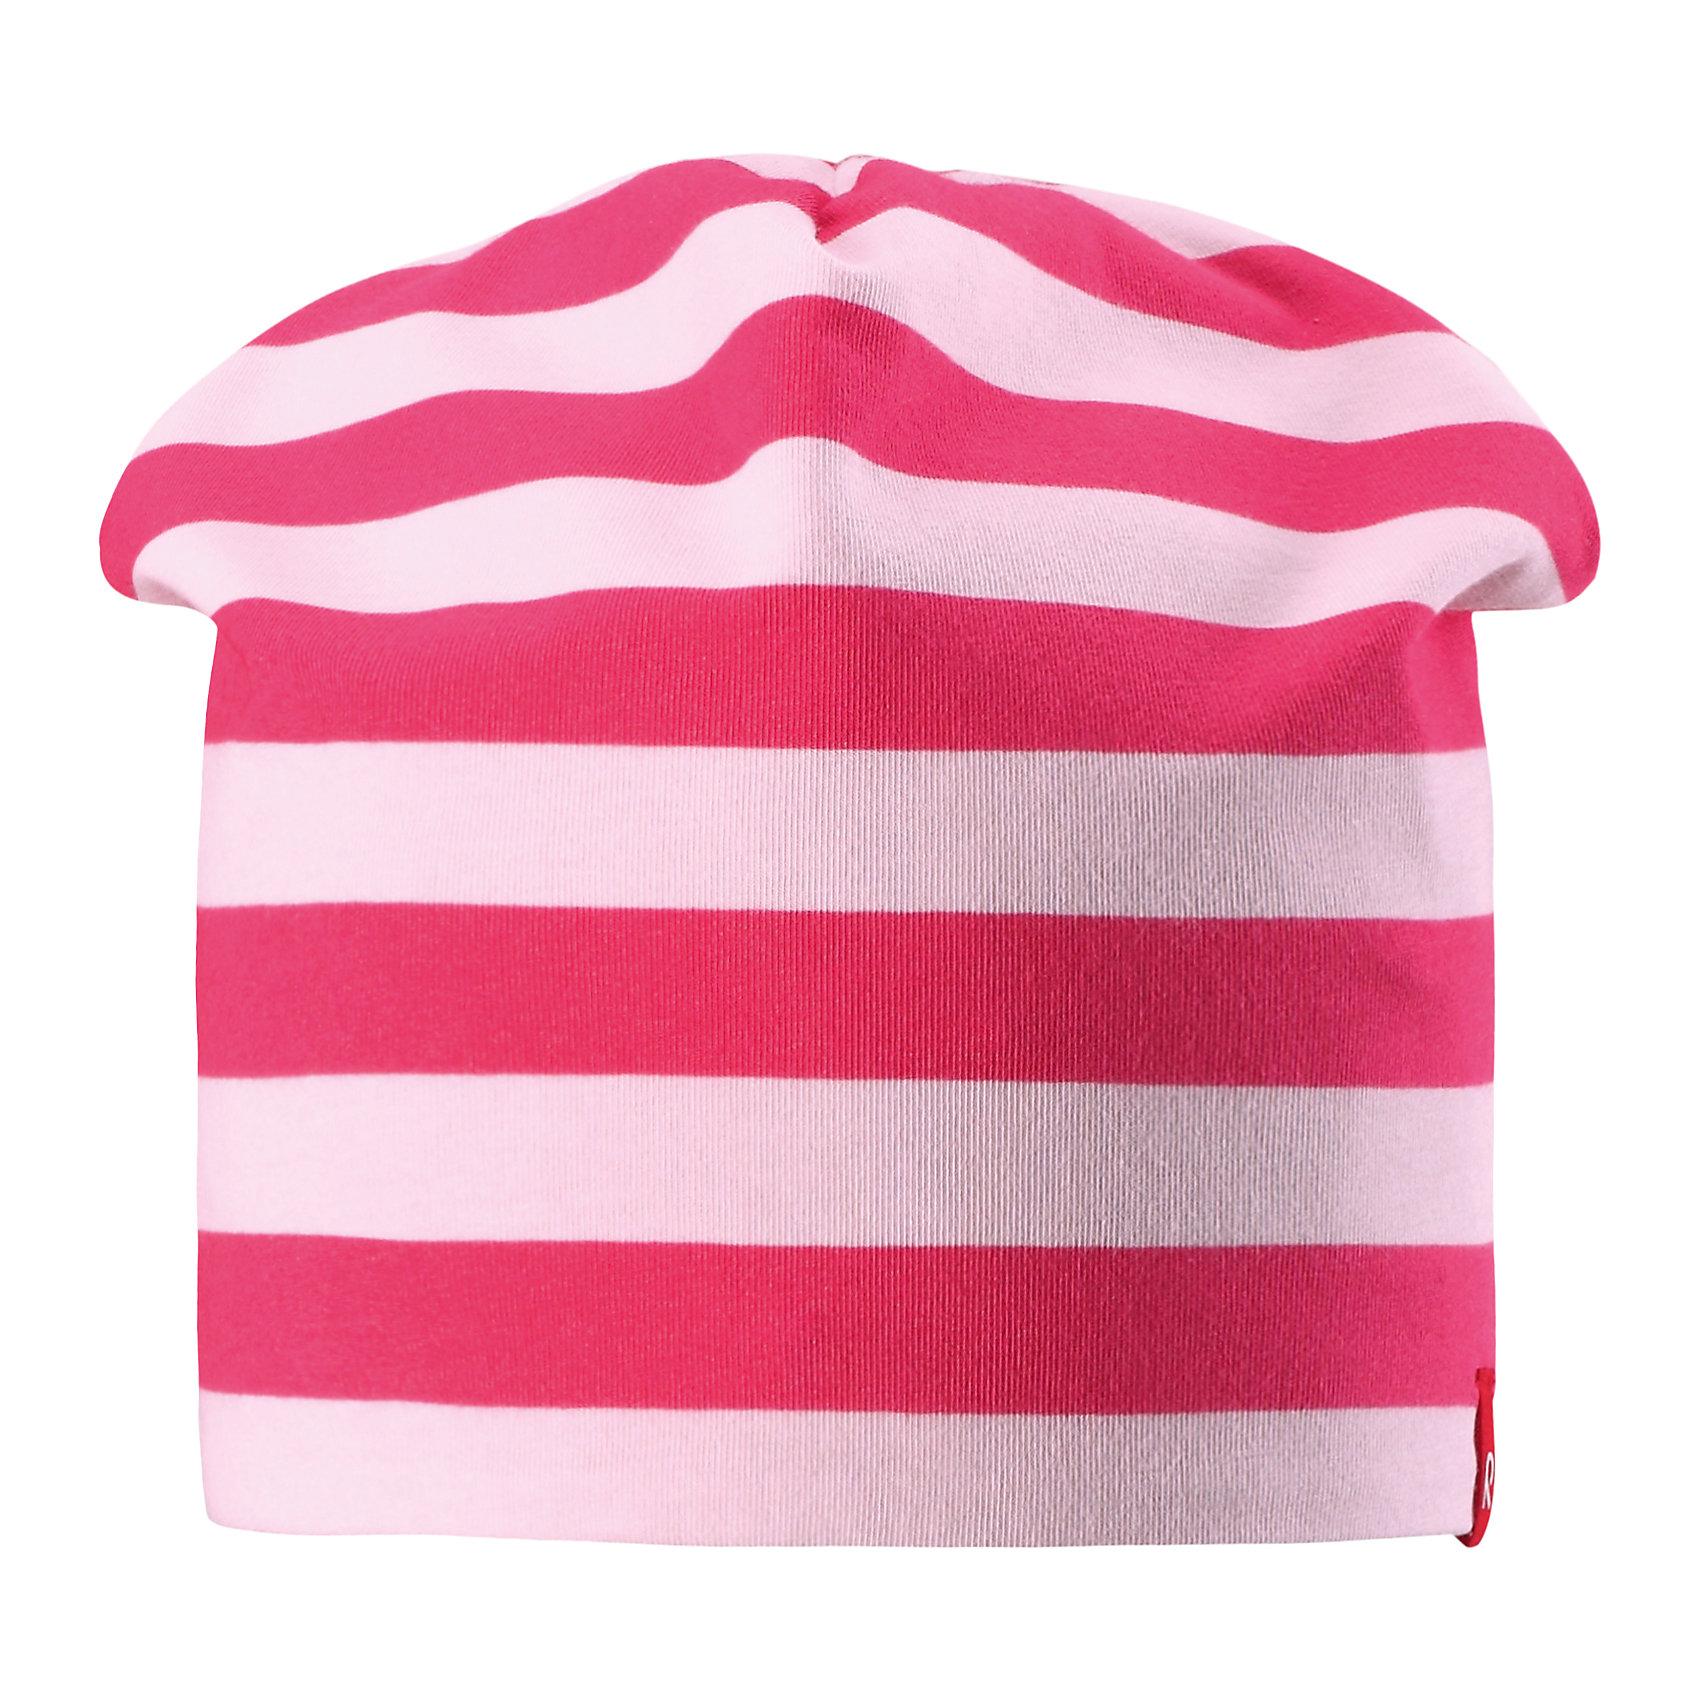 Шапка для девочки ReimaШапки и шарфы<br>Характеристики товара:<br><br>• цвет: розовый/светло-розовый<br>• быстросохнущий материал<br>• состав: 65% хлопок, 30% полиэстер, 5% эластан<br>• температурный режим: от +5°до +15°С<br>• эластичный материал<br>• сплошная подкладка: влаговыводящий трикотаж<br>• двухсторонняя<br>• отводящий влагу материал Play Jersey<br>• декоративный логотип<br>• фактор защиты от ультрафиолета: 40+<br>• комфортная посадка<br>• страна производства: Китай<br>• страна бренда: Финляндия<br>• коллекция: весна-лето 2017<br><br>Детский головной убор может быть модным и удобным одновременно! Стильная шапка поможет обеспечить ребенку комфорт и дополнить наряд. Она отлично смотрится с различной одеждой. Шапка удобно сидит и аккуратно выглядит. Проста в уходе, долго служит. Стильный дизайн разрабатывался специально для детей. Отличная защита от солнца!<br><br>Одежда и обувь от финского бренда Reima пользуется популярностью во многих странах. Эти изделия стильные, качественные и удобные. Для производства продукции используются только безопасные, проверенные материалы и фурнитура. Порадуйте ребенка модными и красивыми вещами от Reima! <br><br>Шапку для мальчика от финского бренда Reima (Рейма) можно купить в нашем интернет-магазине.<br><br>Ширина мм: 89<br>Глубина мм: 117<br>Высота мм: 44<br>Вес г: 155<br>Цвет: розовый<br>Возраст от месяцев: 48<br>Возраст до месяцев: 84<br>Пол: Женский<br>Возраст: Детский<br>Размер: 54,50<br>SKU: 5267919